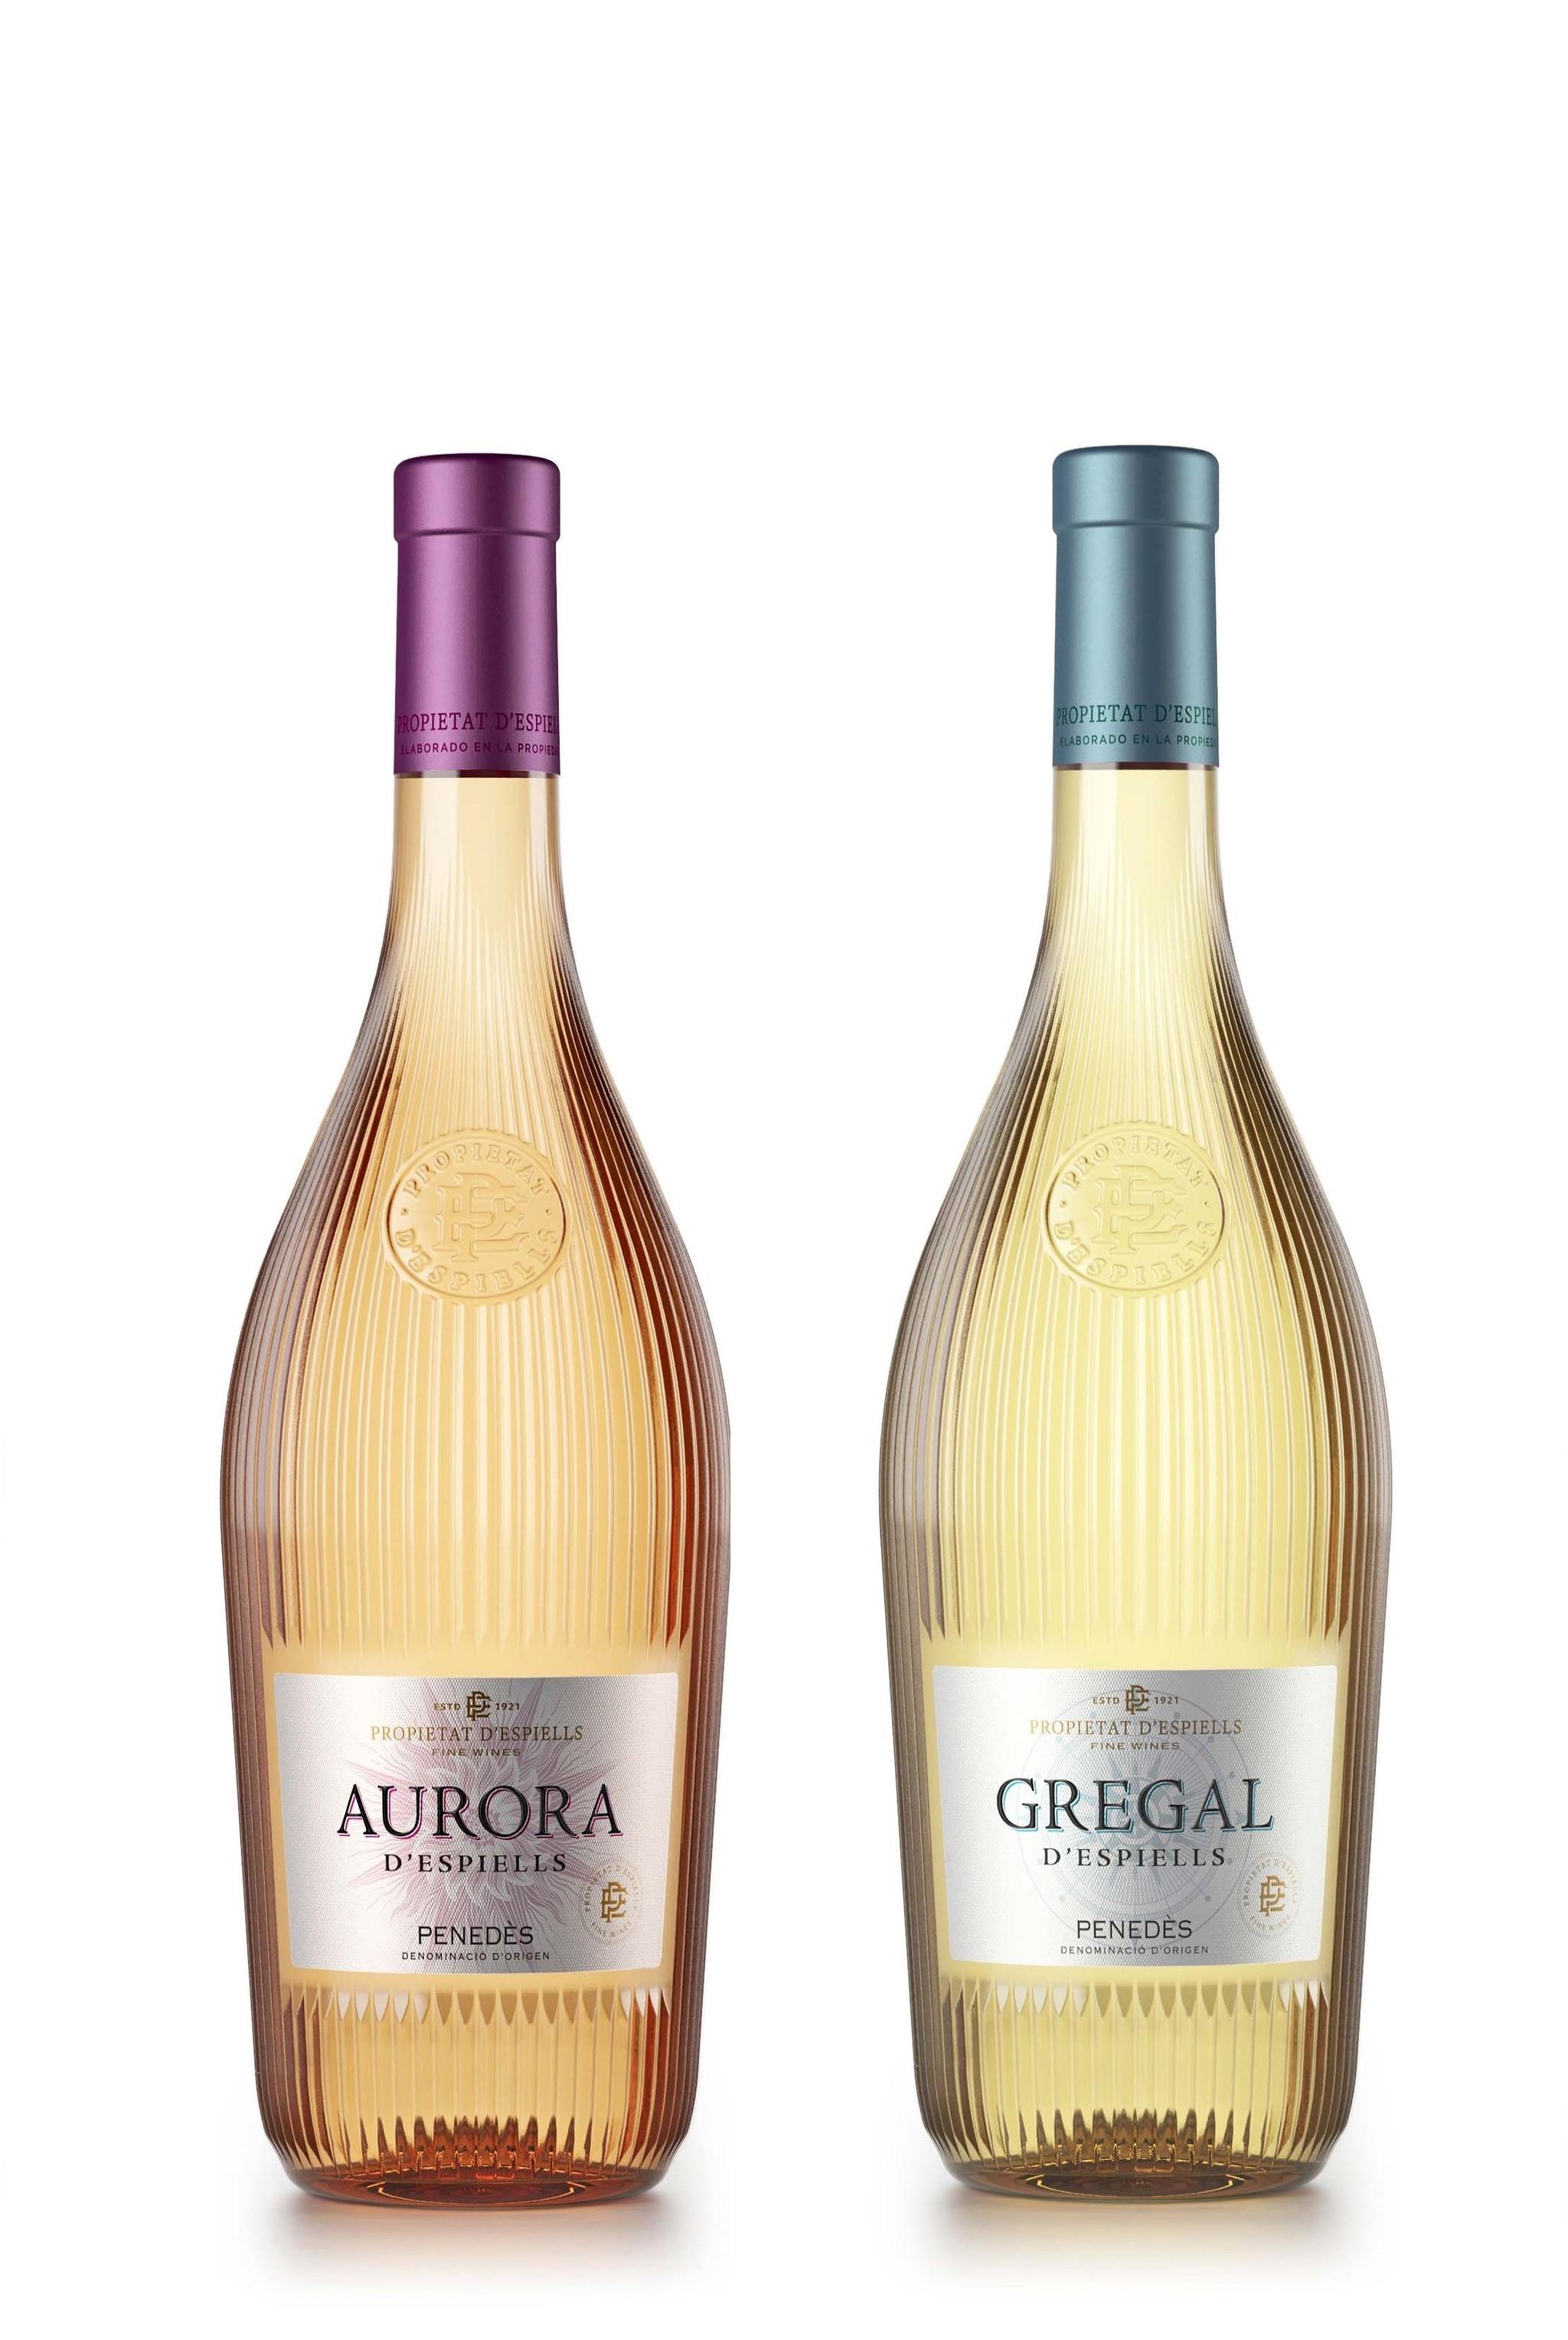 Aurora y Gregal